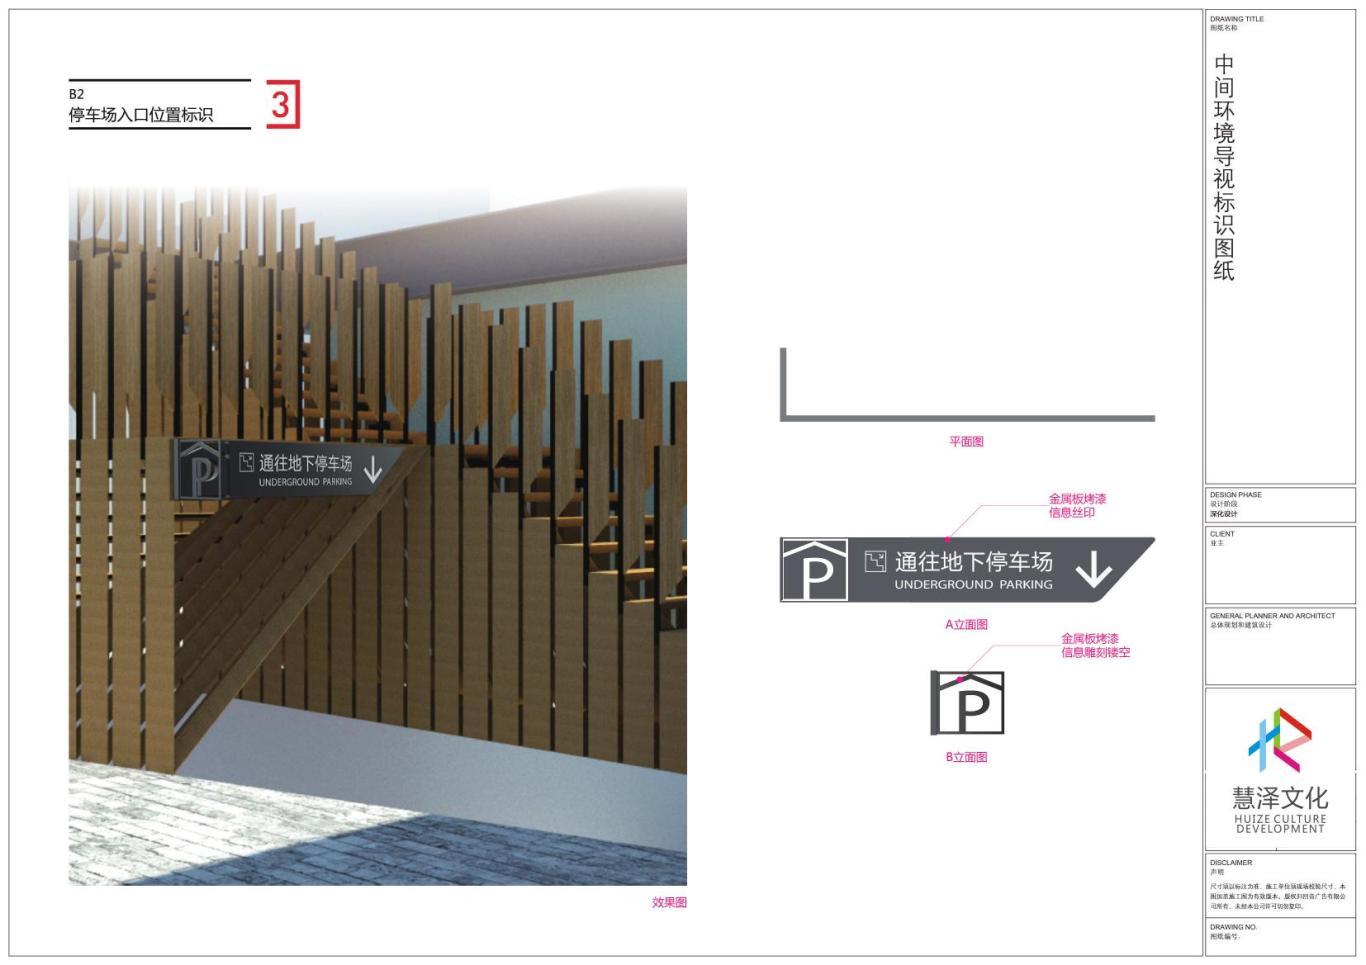 中间坊-商业导视系统深化设计图9